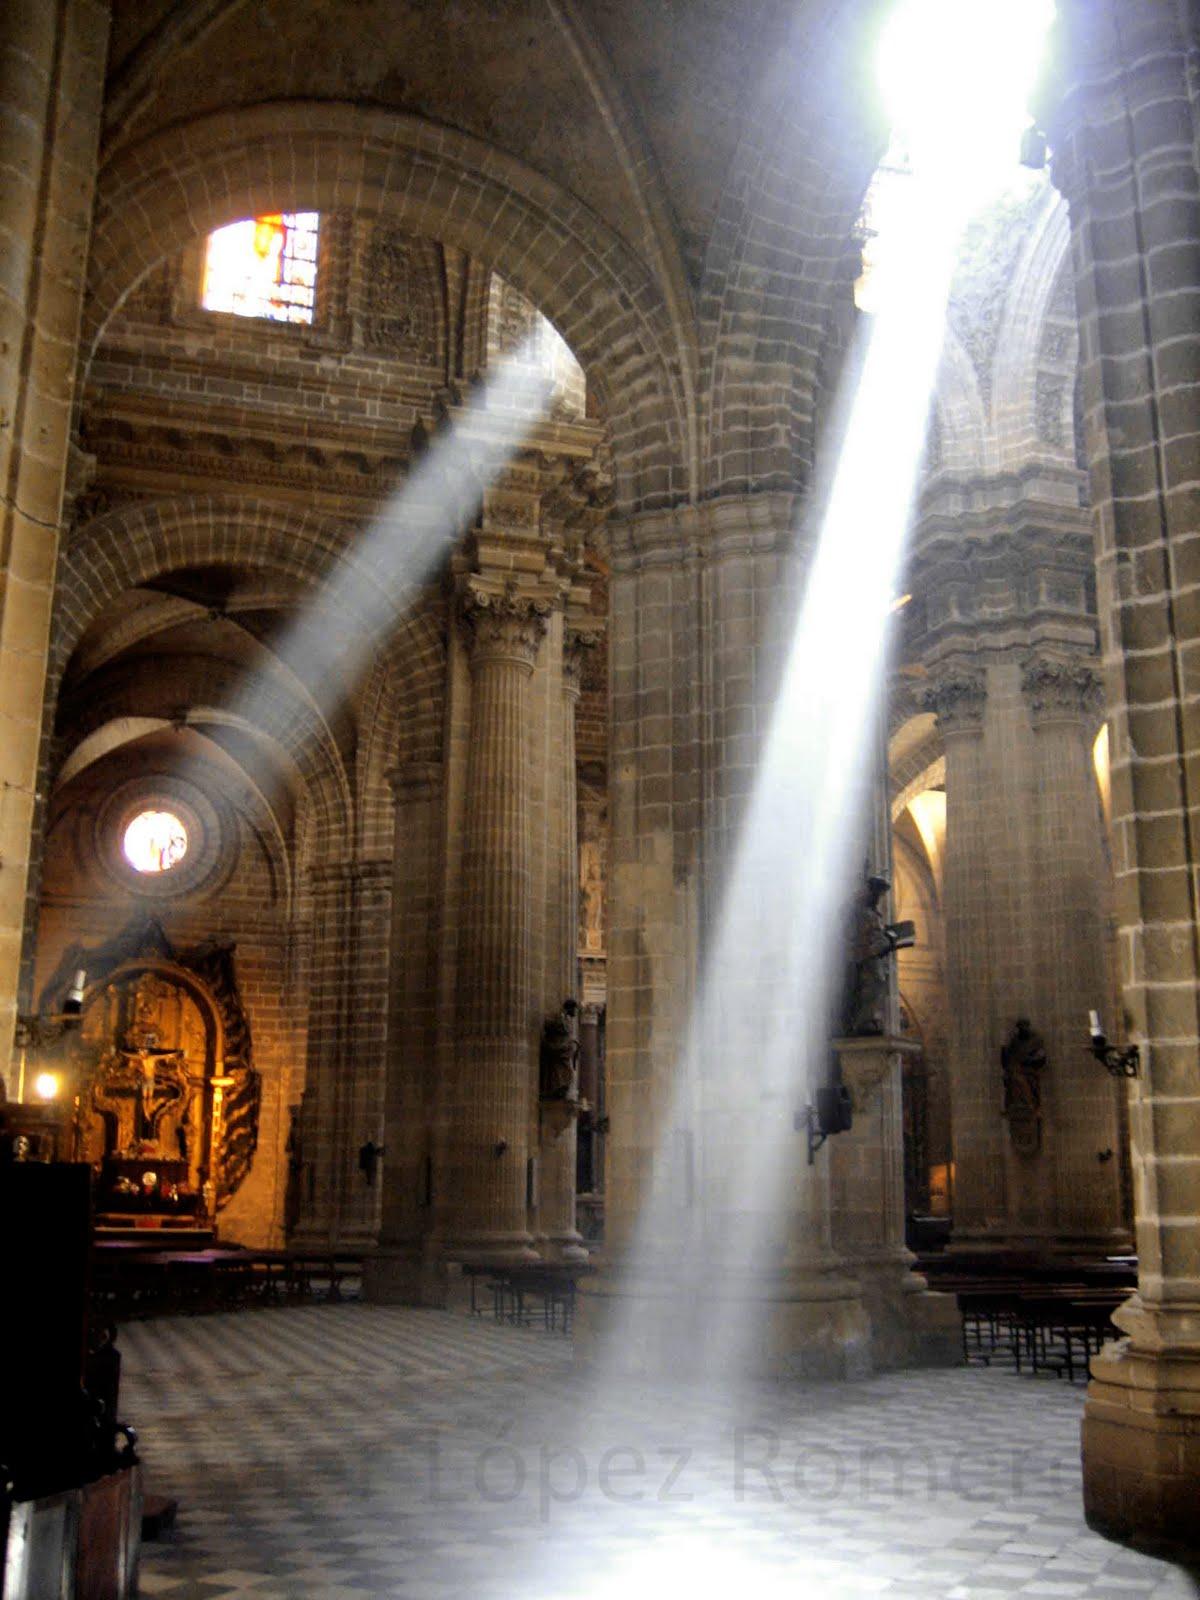 http://3.bp.blogspot.com/_ugR8JTMywtE/SwZPvuXccLI/AAAAAAAAAPo/WbELaIzaGII/s1600/00003+-+Catedral+copia.jpg+Blog.jpg